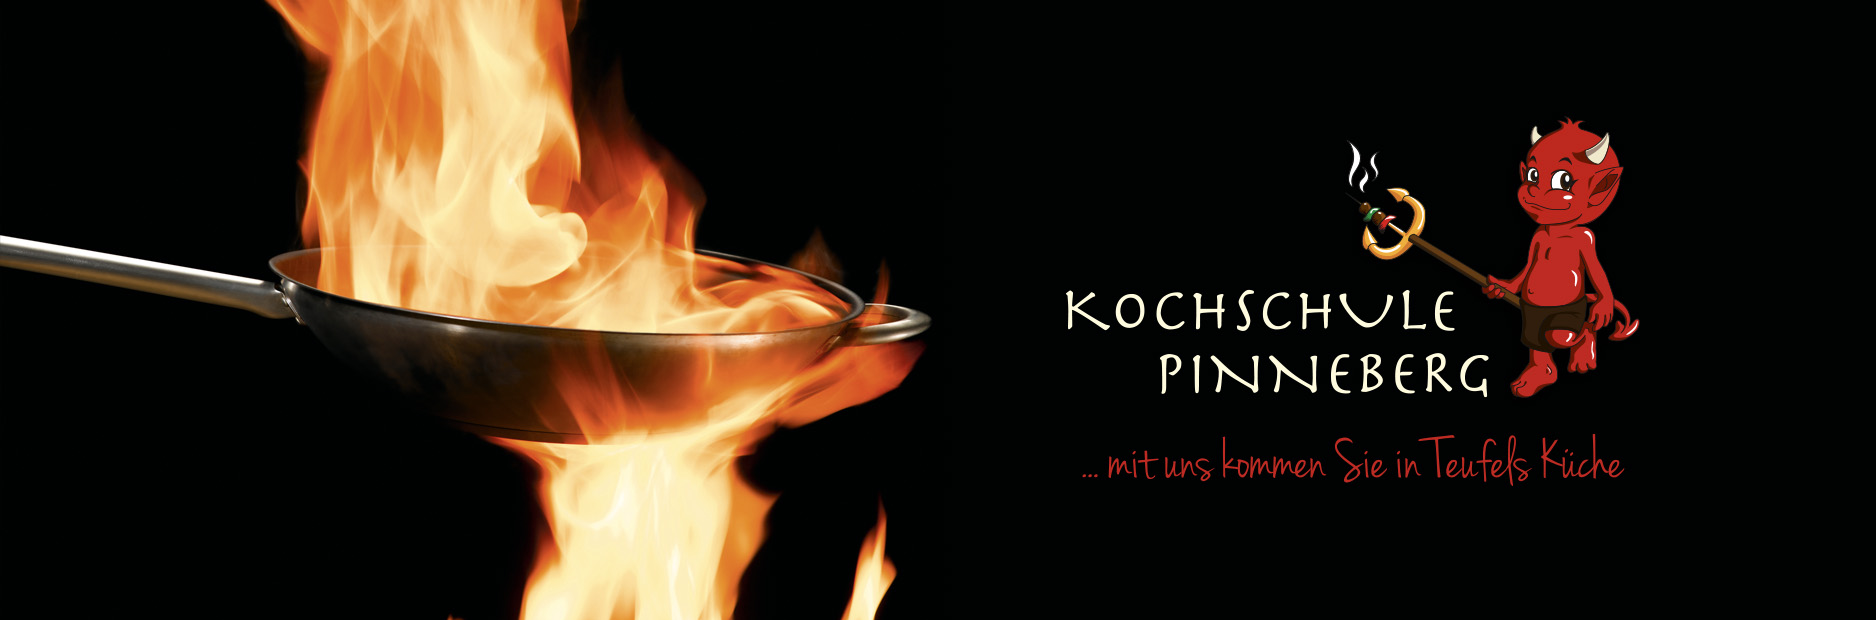 wide-image_kochschule.jpg